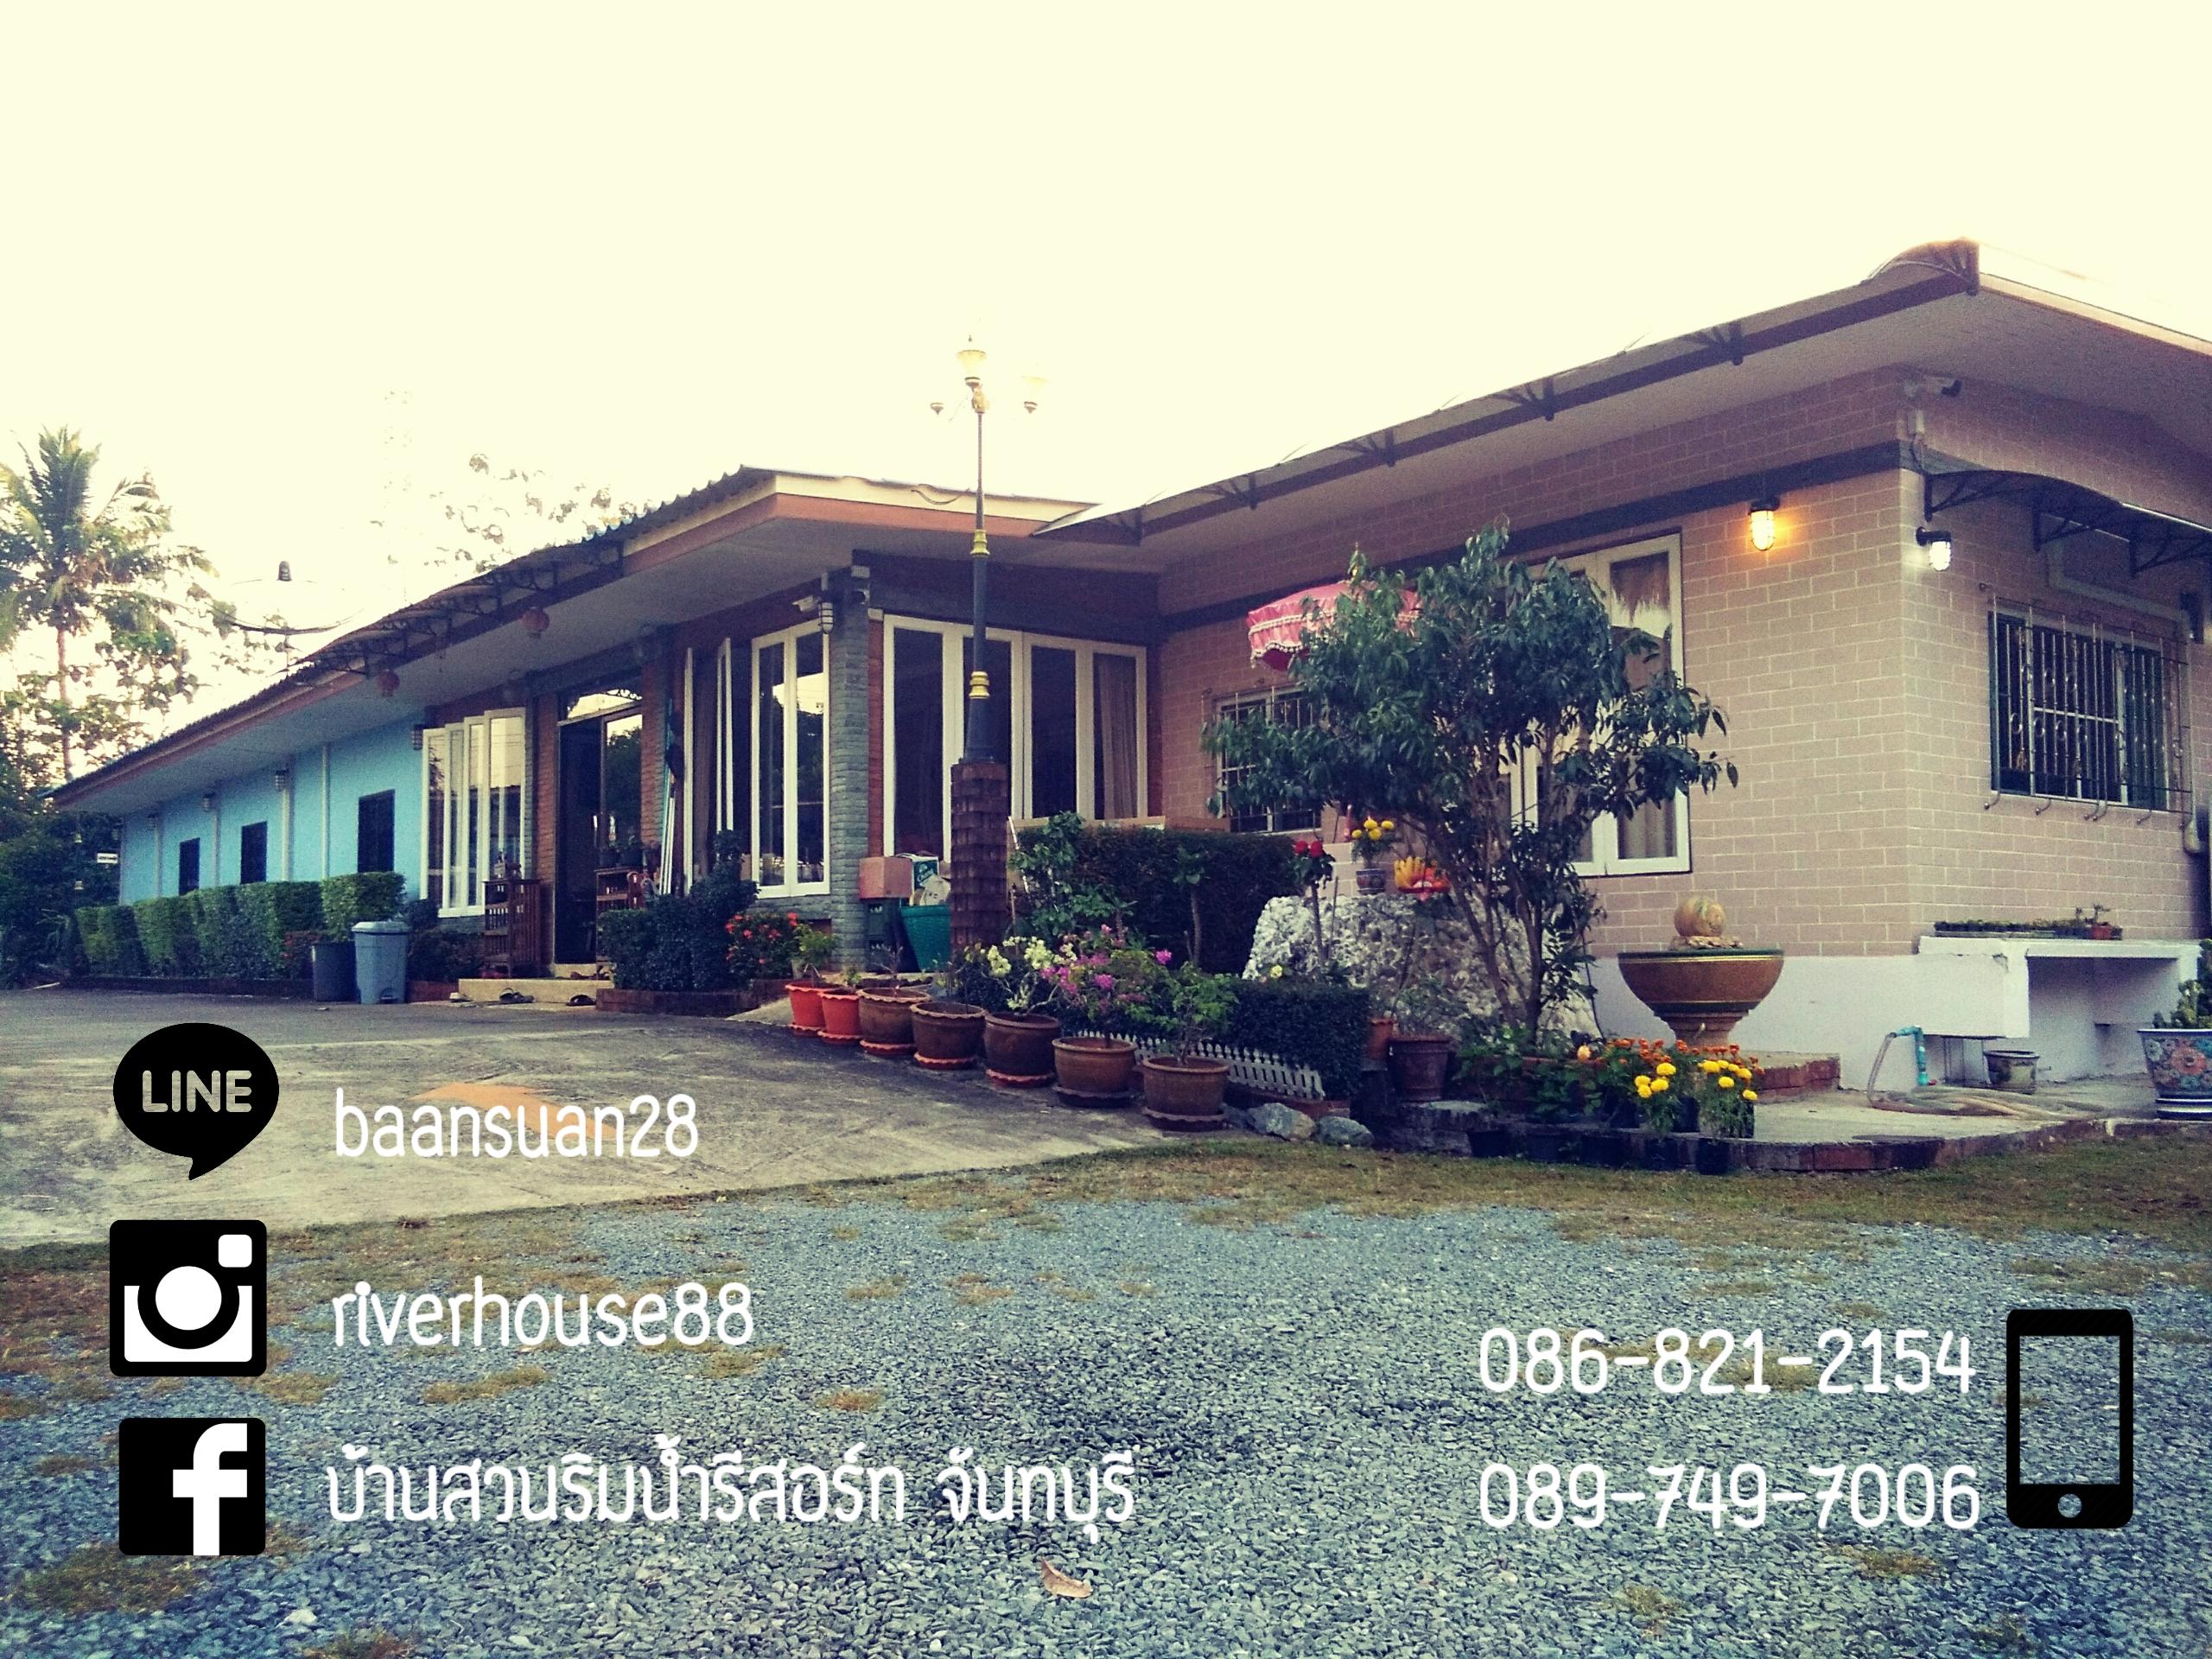 บ้านสวนริมน้ำรีสอร์ท จันทบุรี ที่พักของนักเดินทางในบรรยากาศสไตล์บ้านในสวนติดริมแม่น้ำจันทบุรี